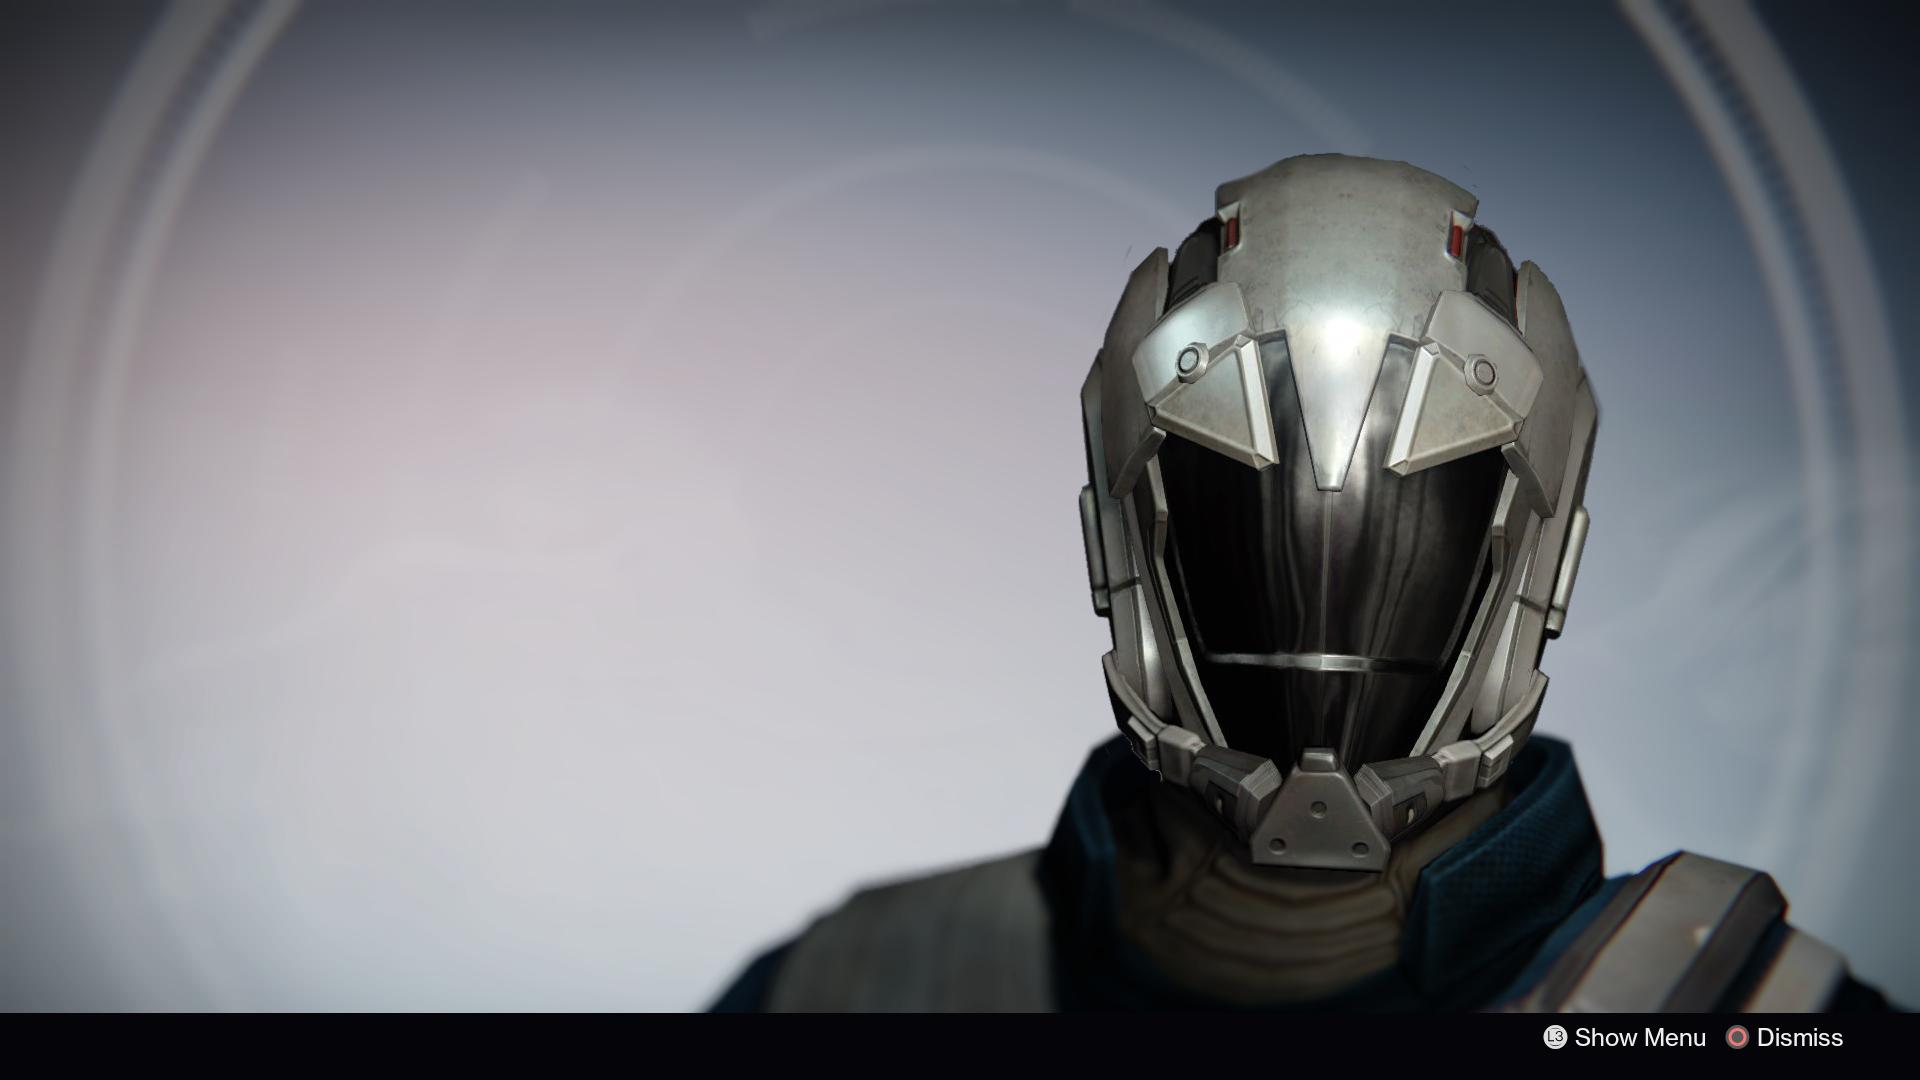 Eclipse Maw VI (Helmet) | Destiny Wiki | FANDOM powered by ... | 1920 x 1080 png 1261kB